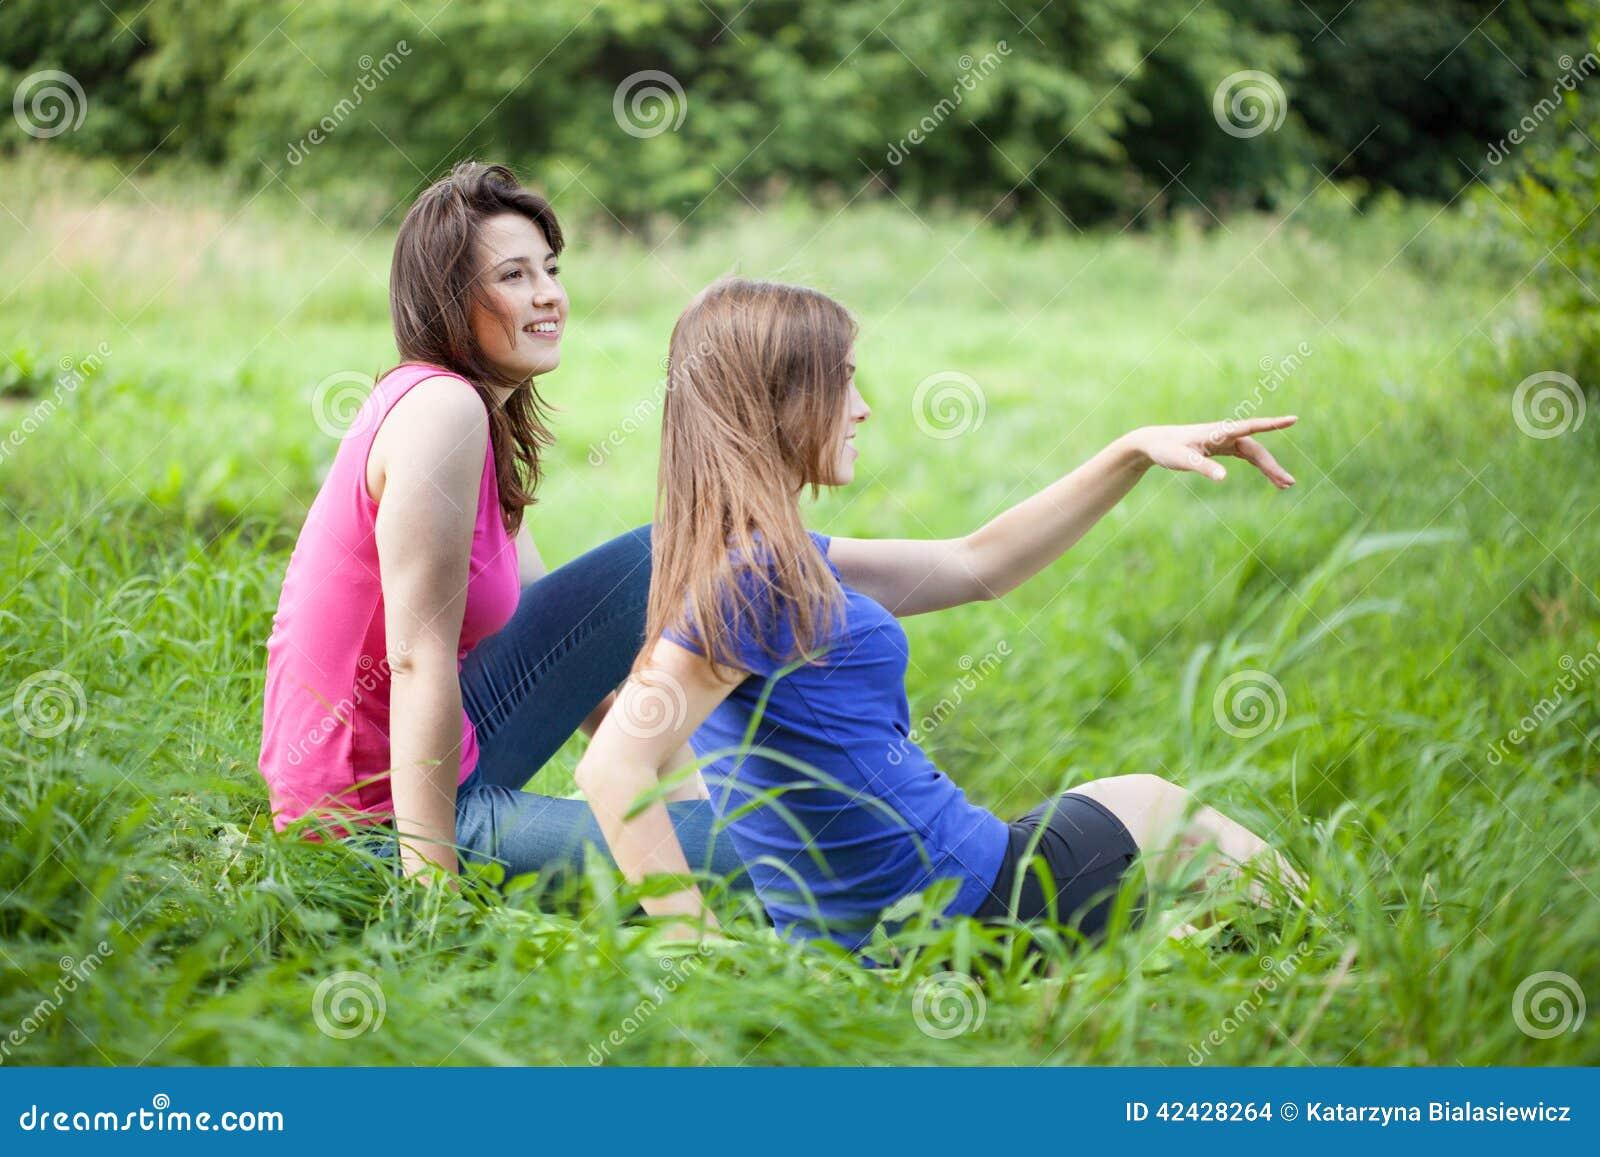 Las muchachas admiran la visión